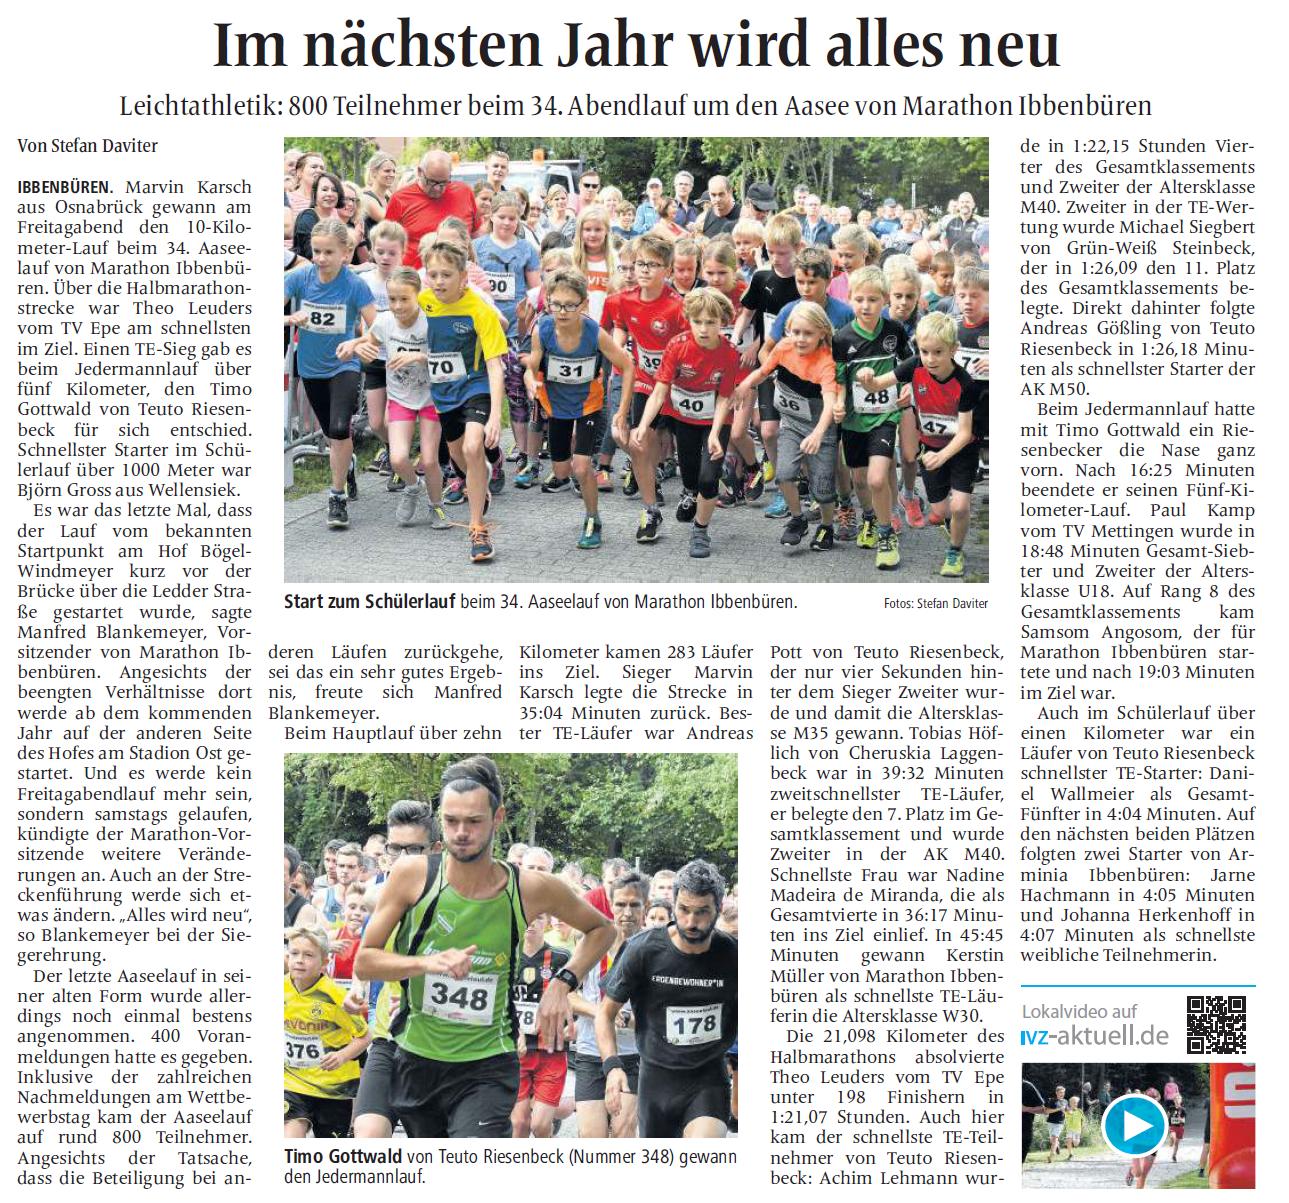 Ibbenbürener Volkszeitung, 7.8.2017-2 - Stefan Daviter (Autor)©ivz.medien GmbH & Co. KG , alle Rechte vorbehalten